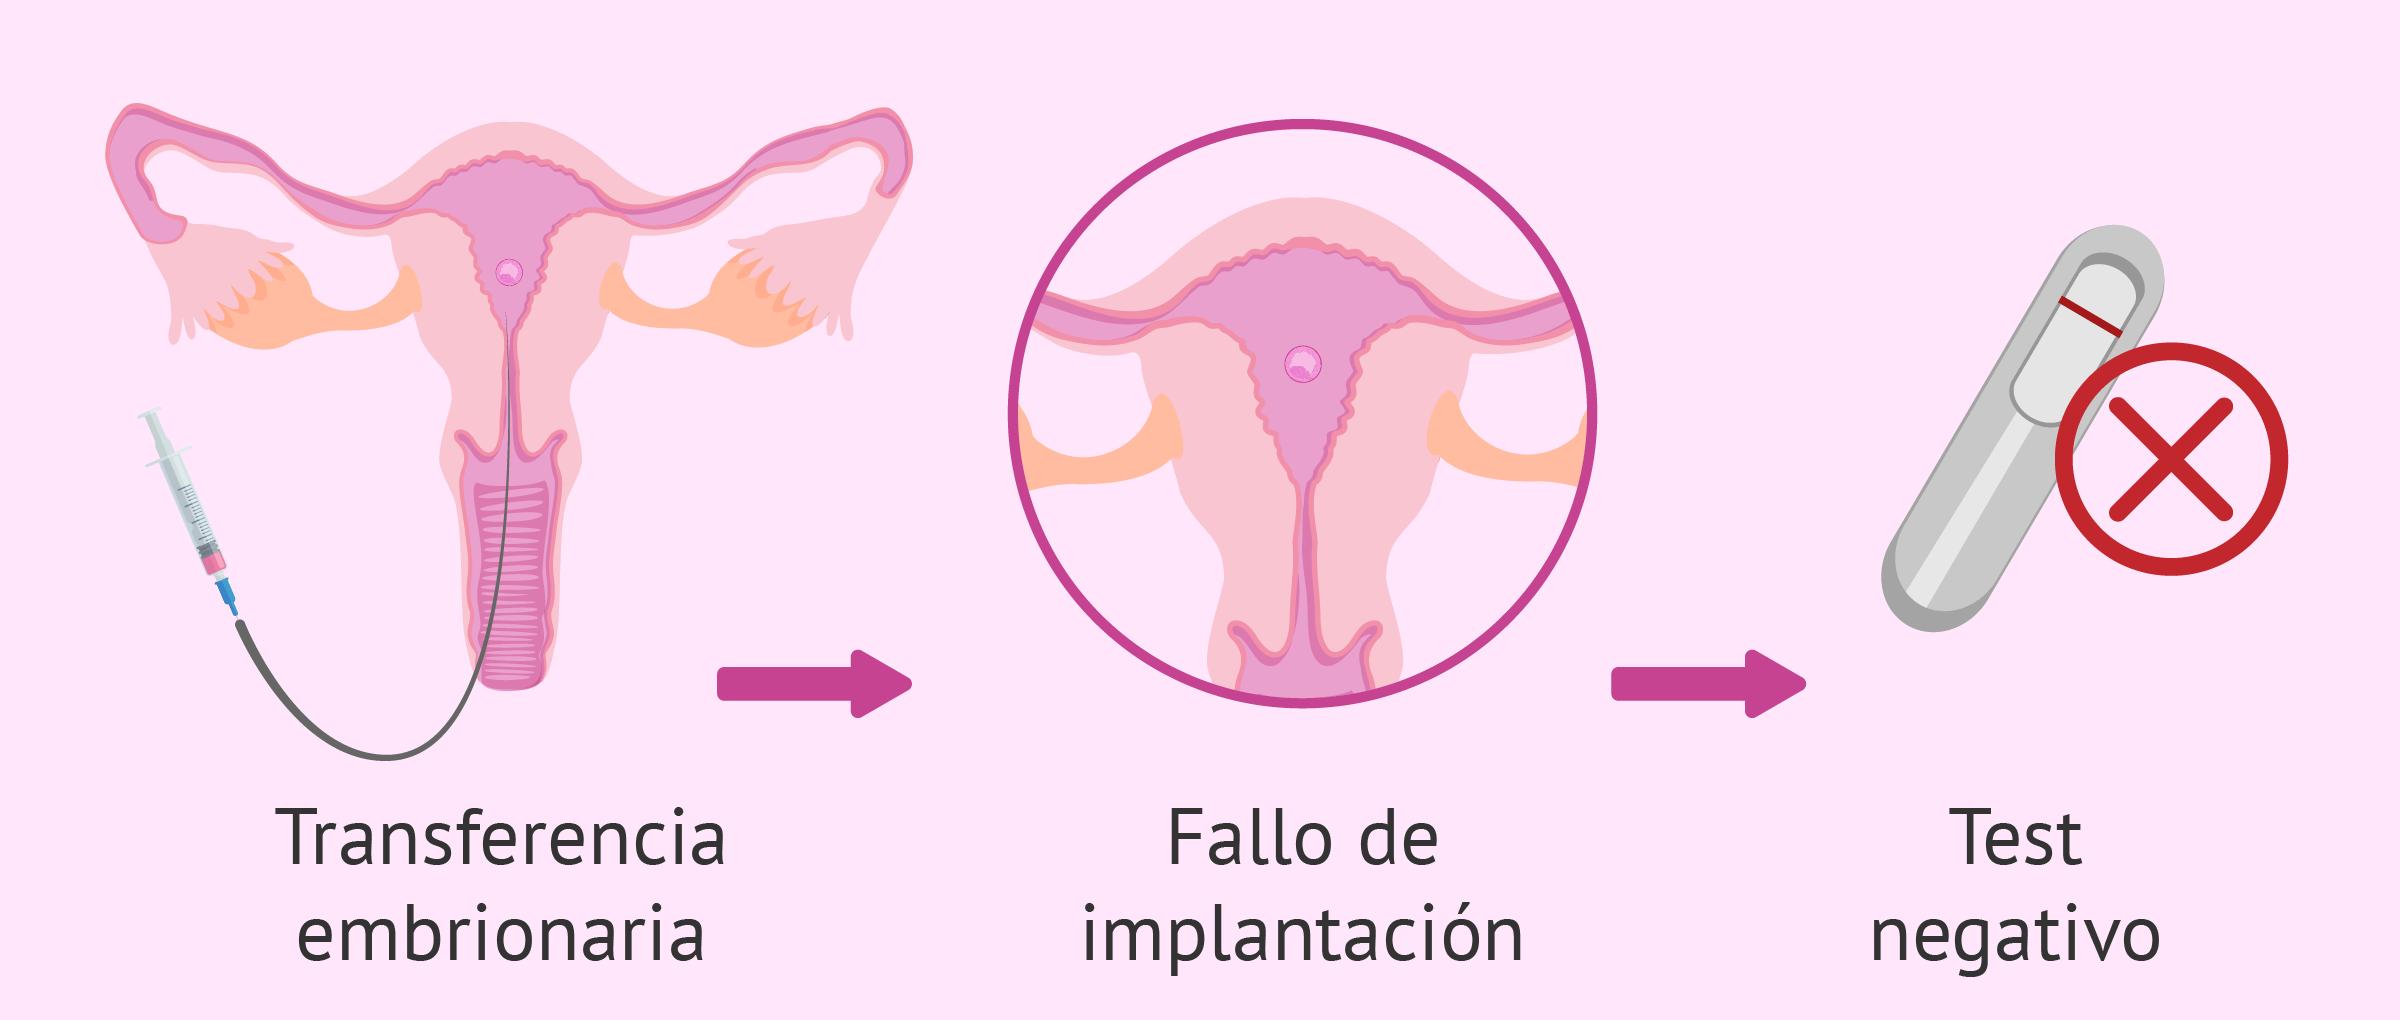 Fallo de implantación embrionaria: causas, síntomas y soluciones